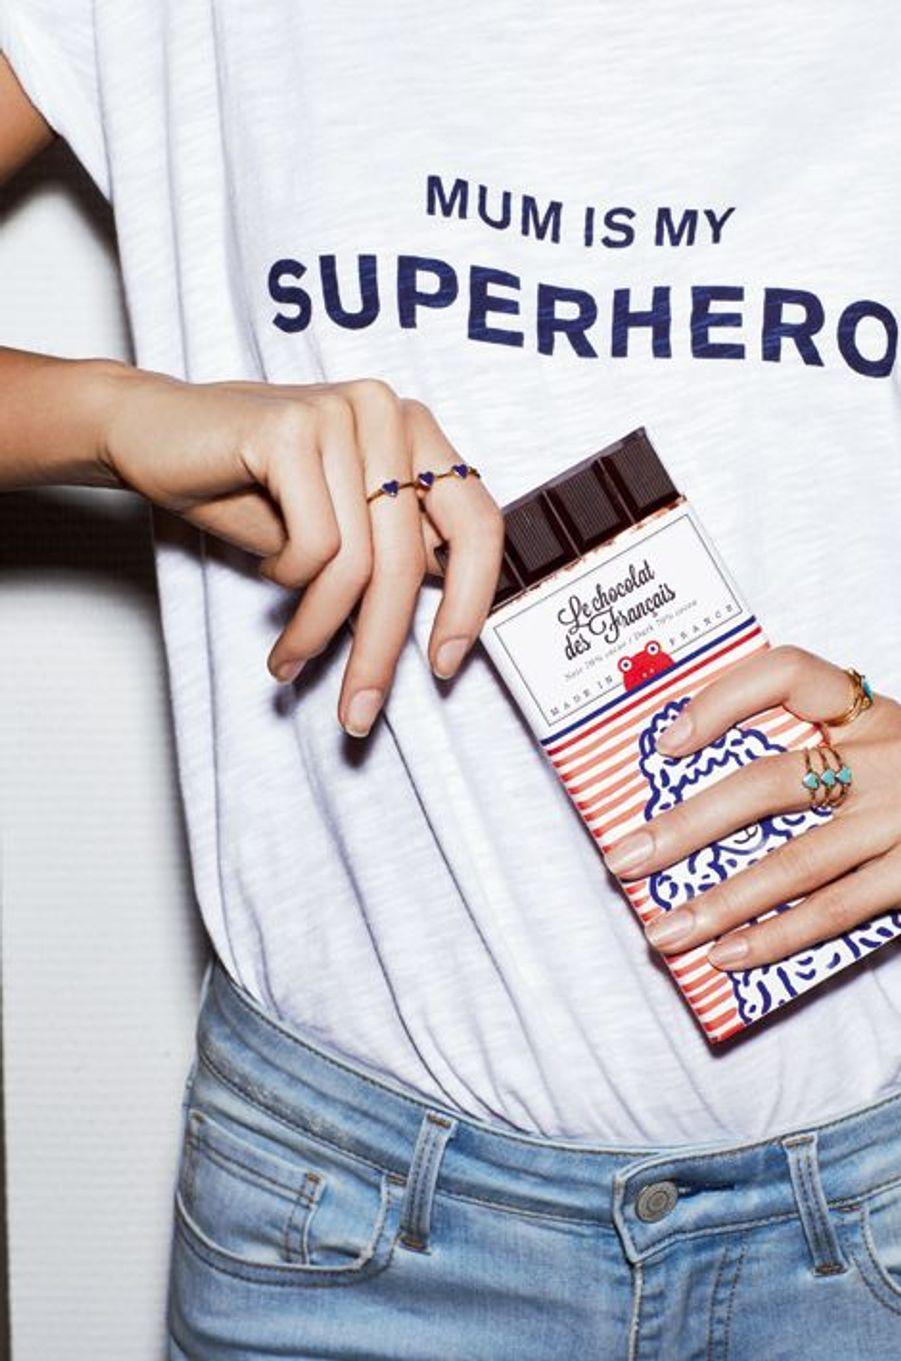 La marque Ba&sh lance une collection capsule pour célébrer les mamans, le top Mum is my superhero est en coton imprimé, 70 € (existe aussi pour enfants, 35 €). Créé par deux gourmands amoureux de Paris, Le chocolat des Français concilie le bon et le beau, flatte la rétine et chatouille les papilles grâce à ses saveurs délicieuses. Plaquette de 90g de chocolat noir 70% cacao, 6 €.